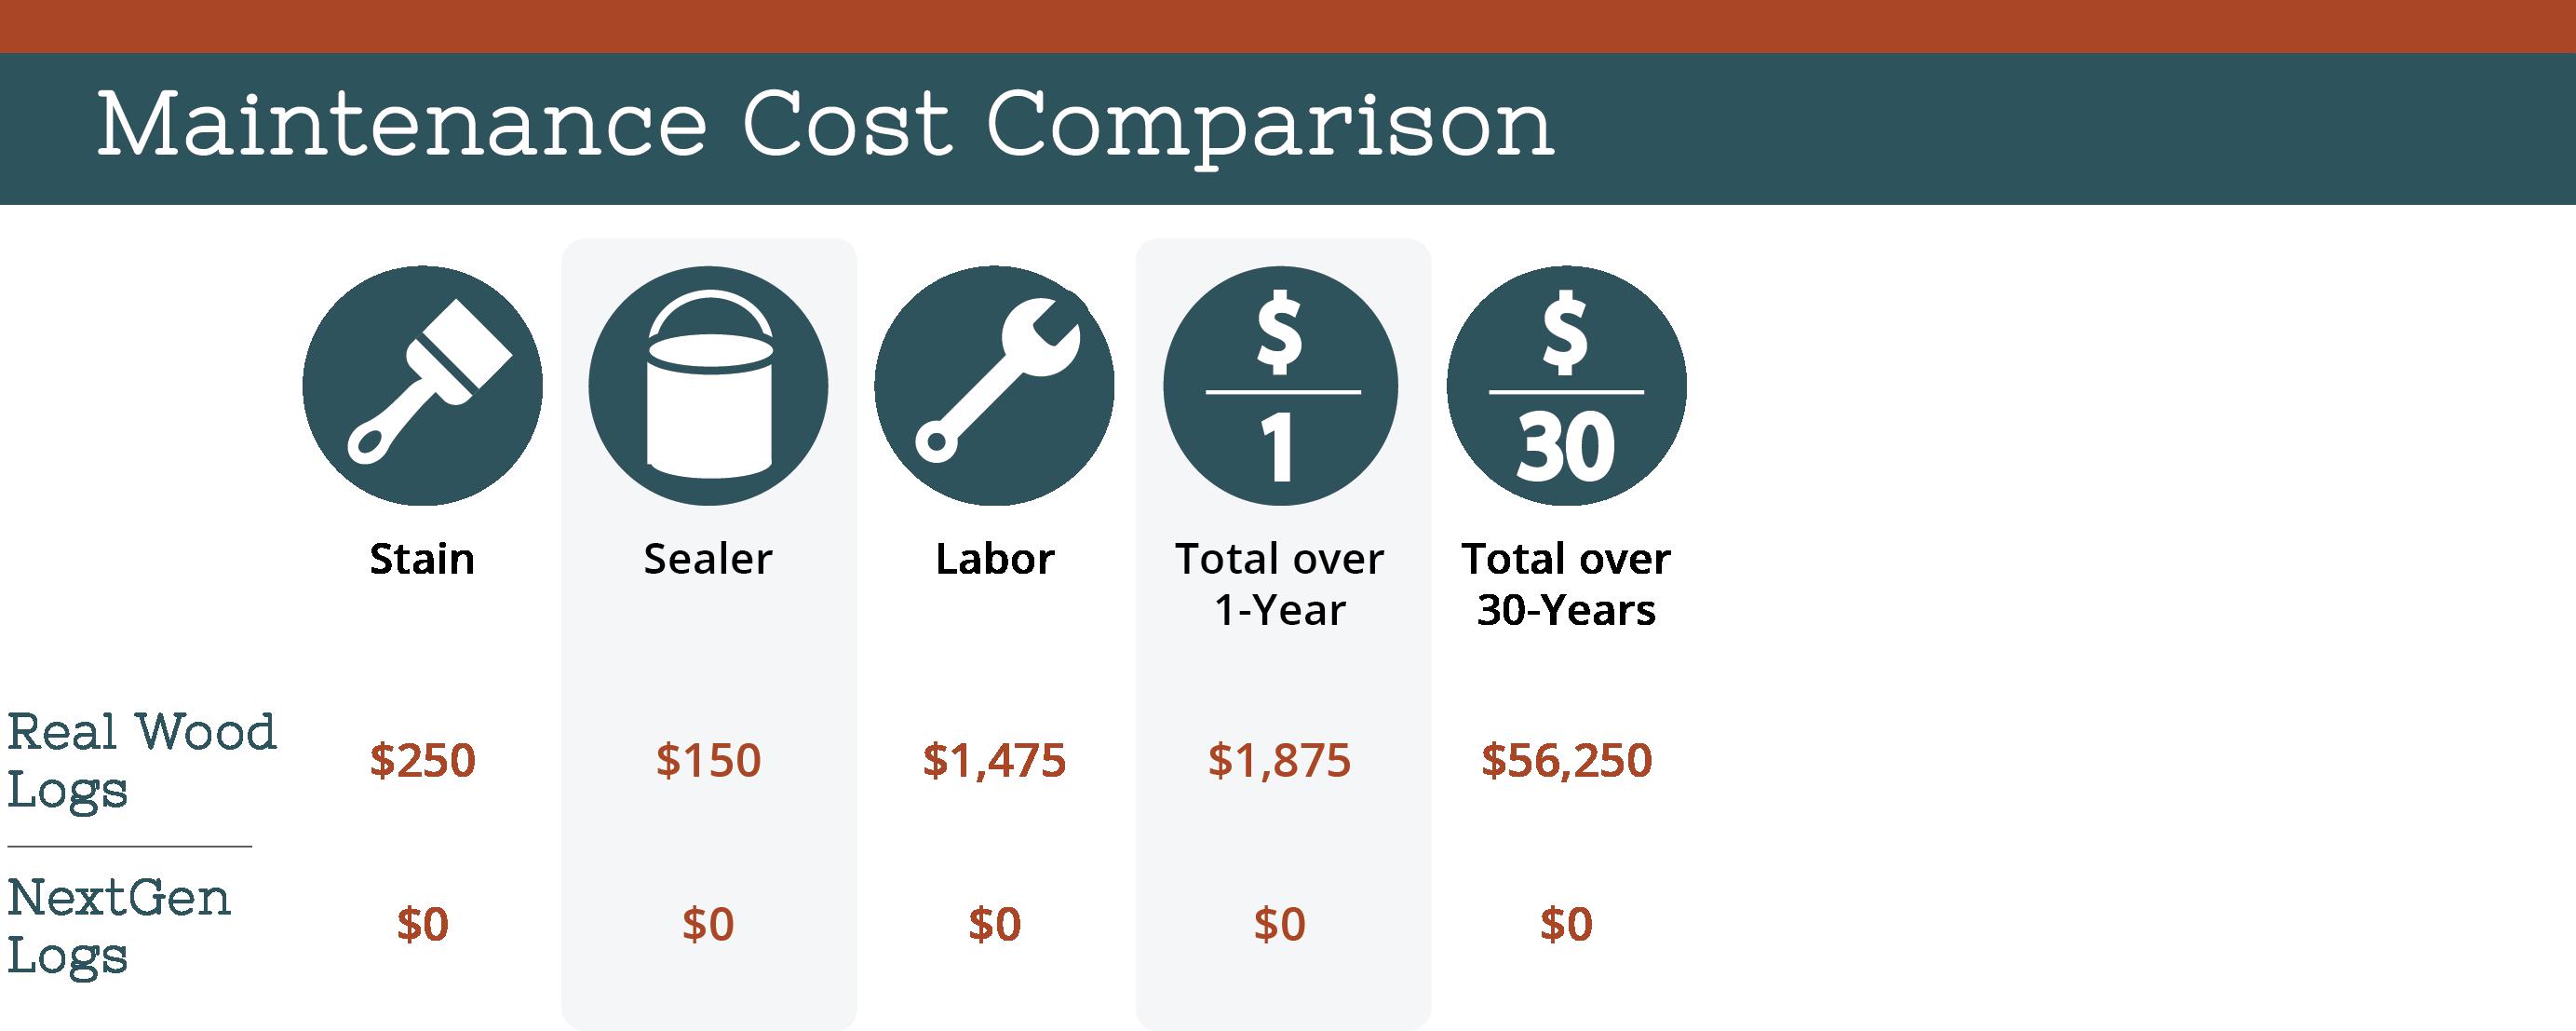 nextgen_logs_concrete_log_siding_maintenance_cost_comparison_chart